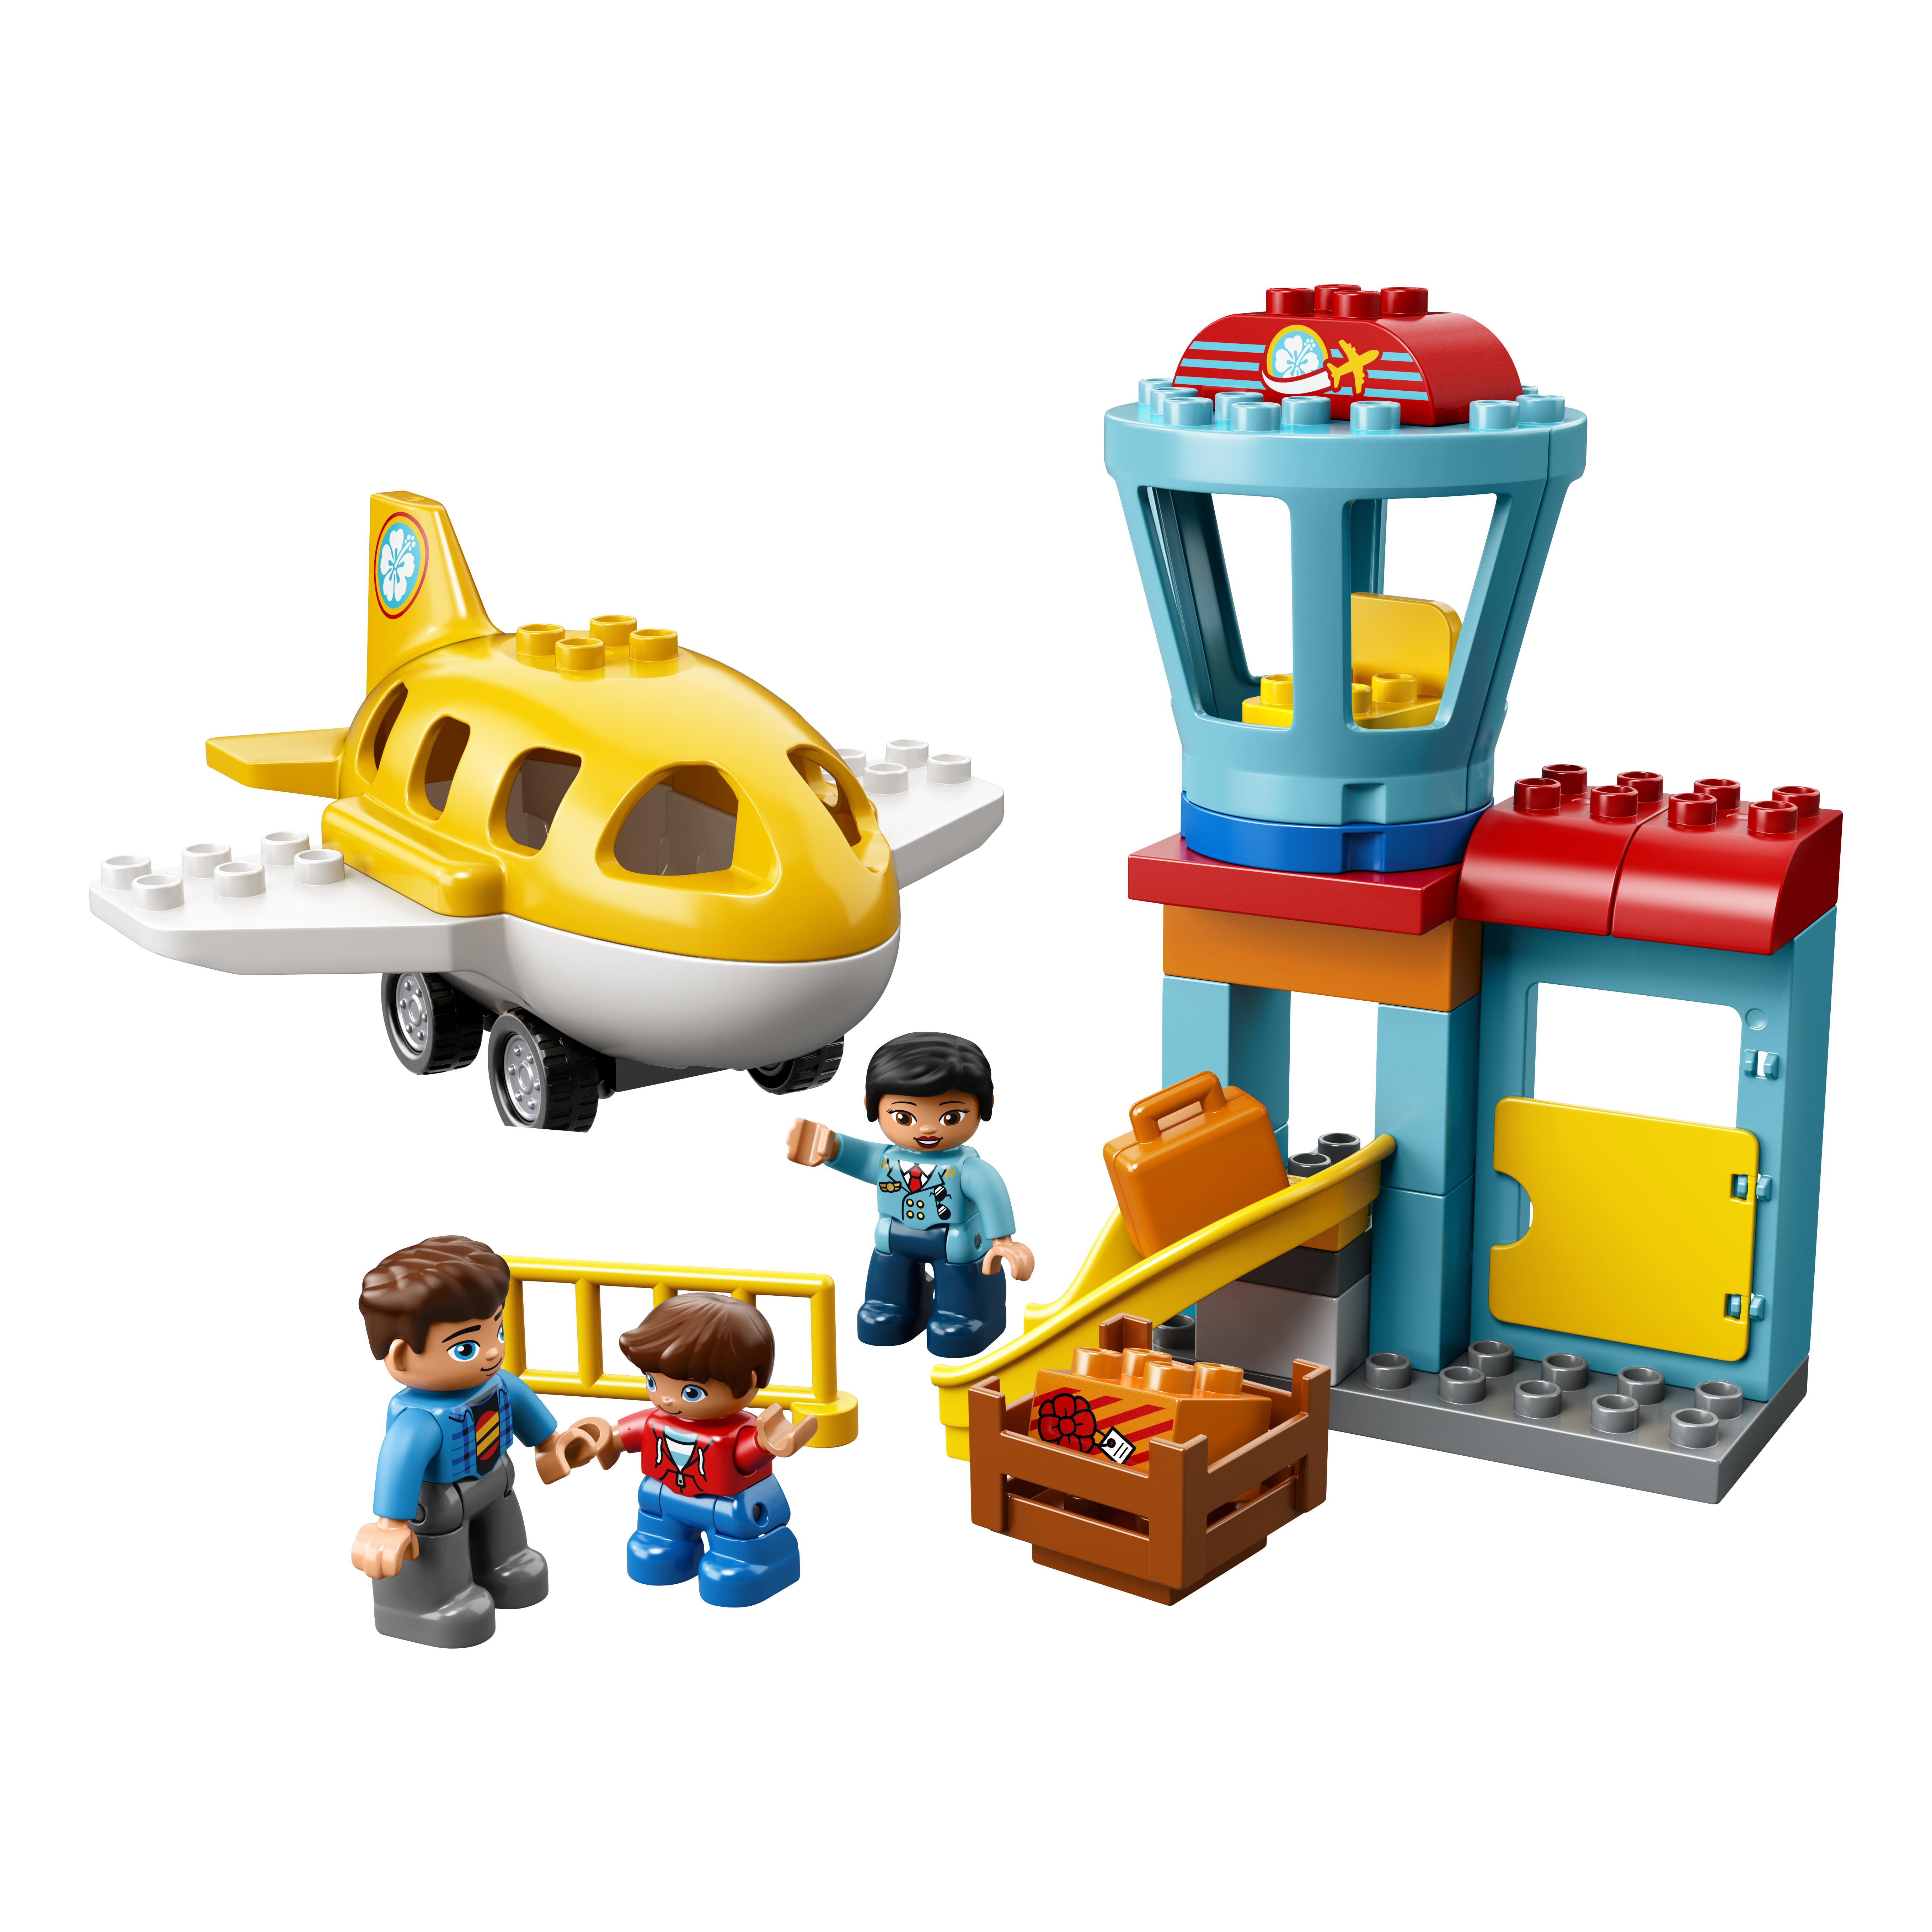 Купить Конструктор lego duplo town аэропорт (10871), Конструктор LEGO Duplo Town Аэропорт (10871)